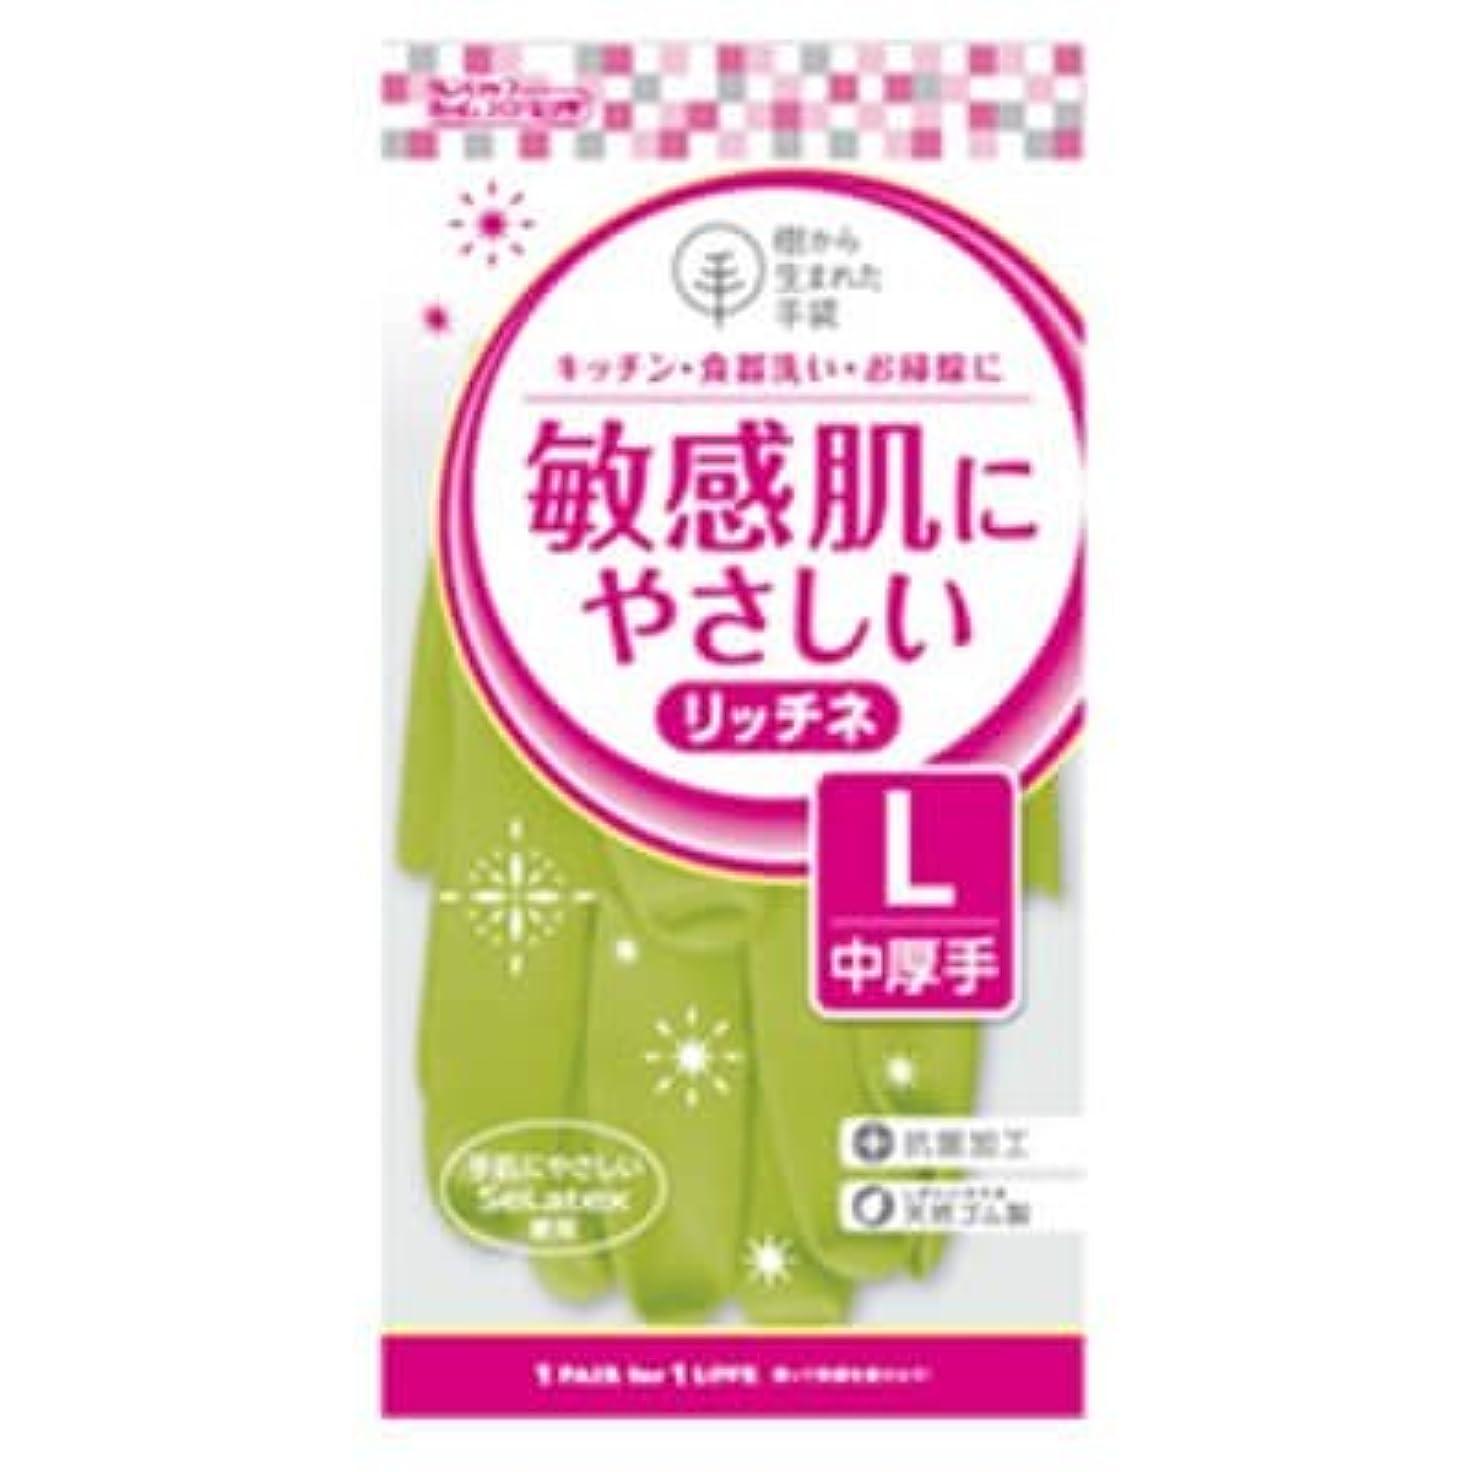 睡眠スカリー理解【ケース販売】 ダンロップ 敏感肌にやさしい リッチネ 中厚手 L グリーン (10双×12袋)